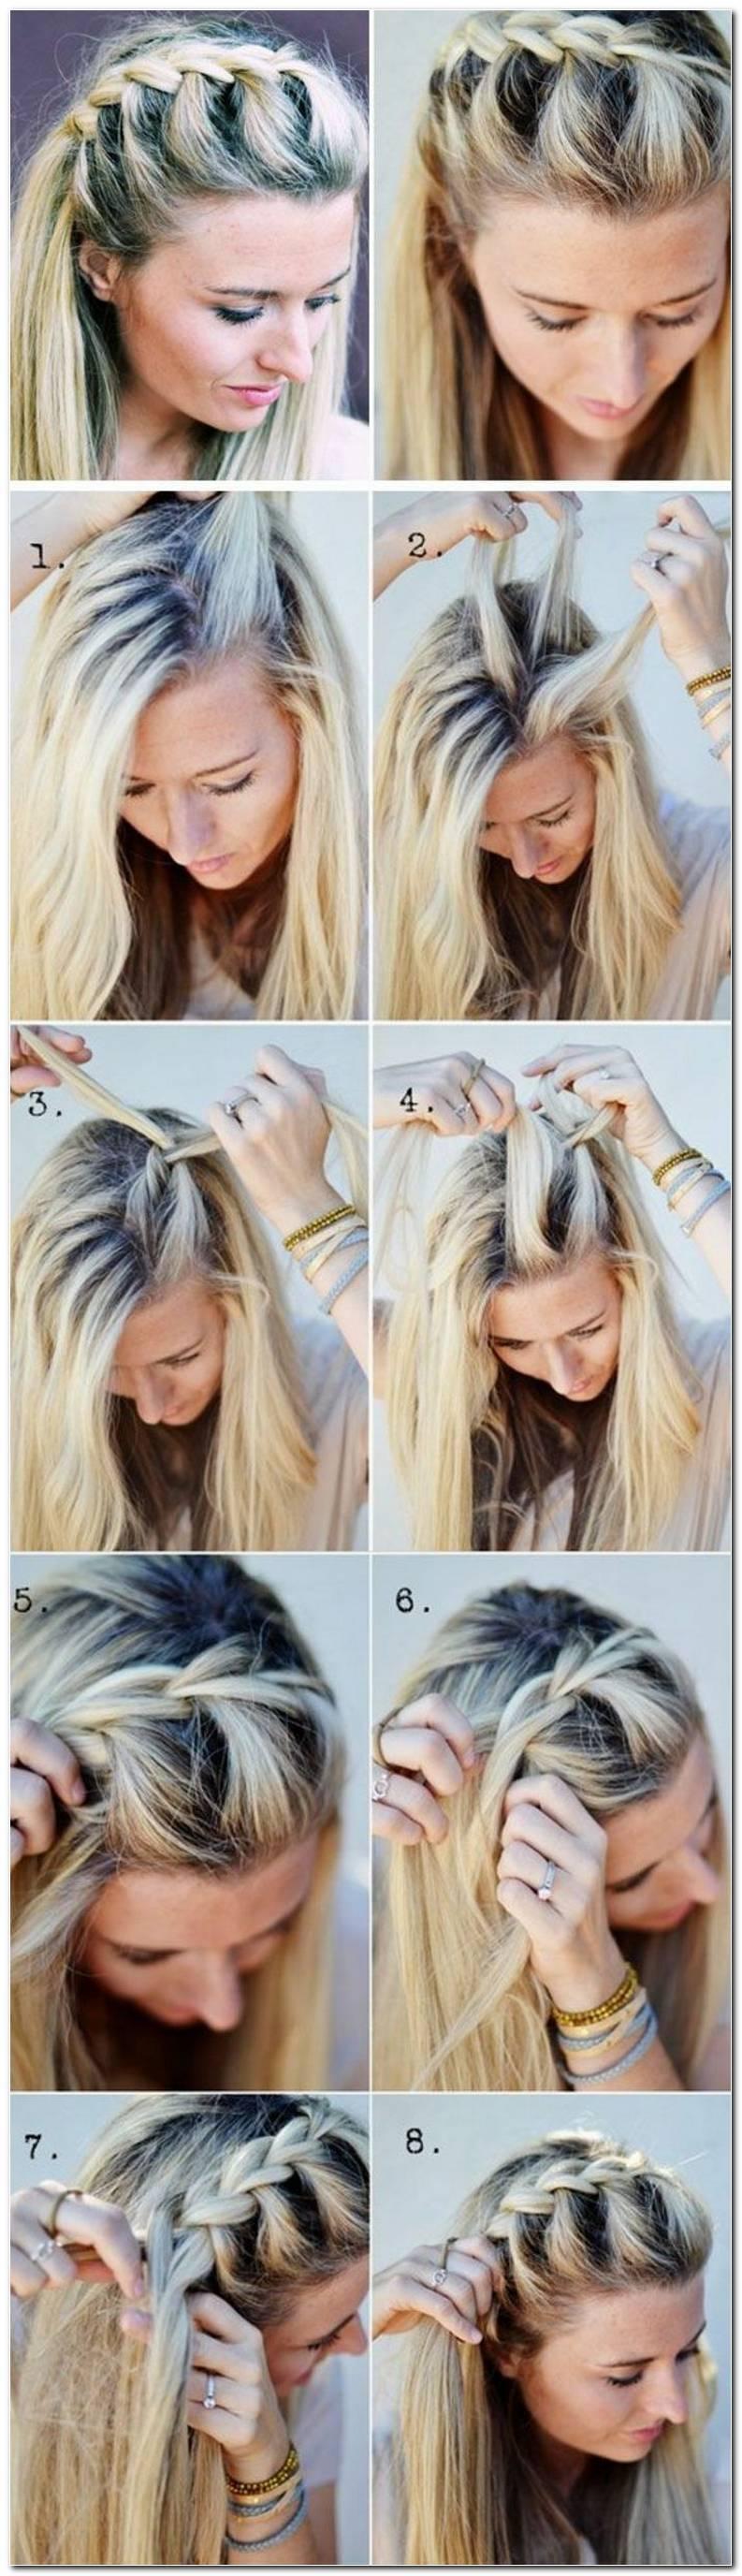 Frisuren Flechten Einfach